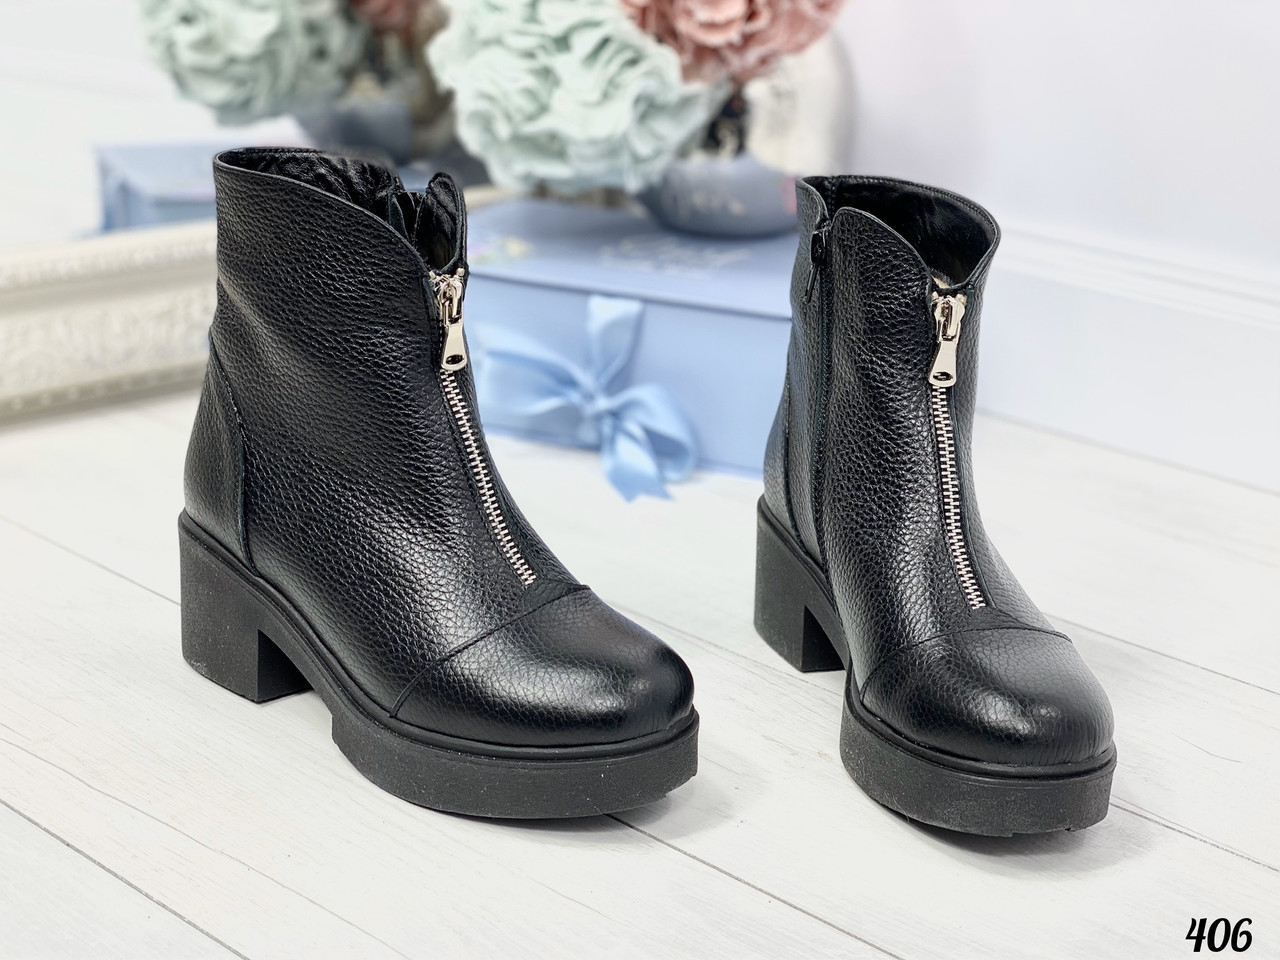 36 р. Ботинки женские зимние черные кожаные на среднем каблуке, из натуральной кожи, натуральная кожа